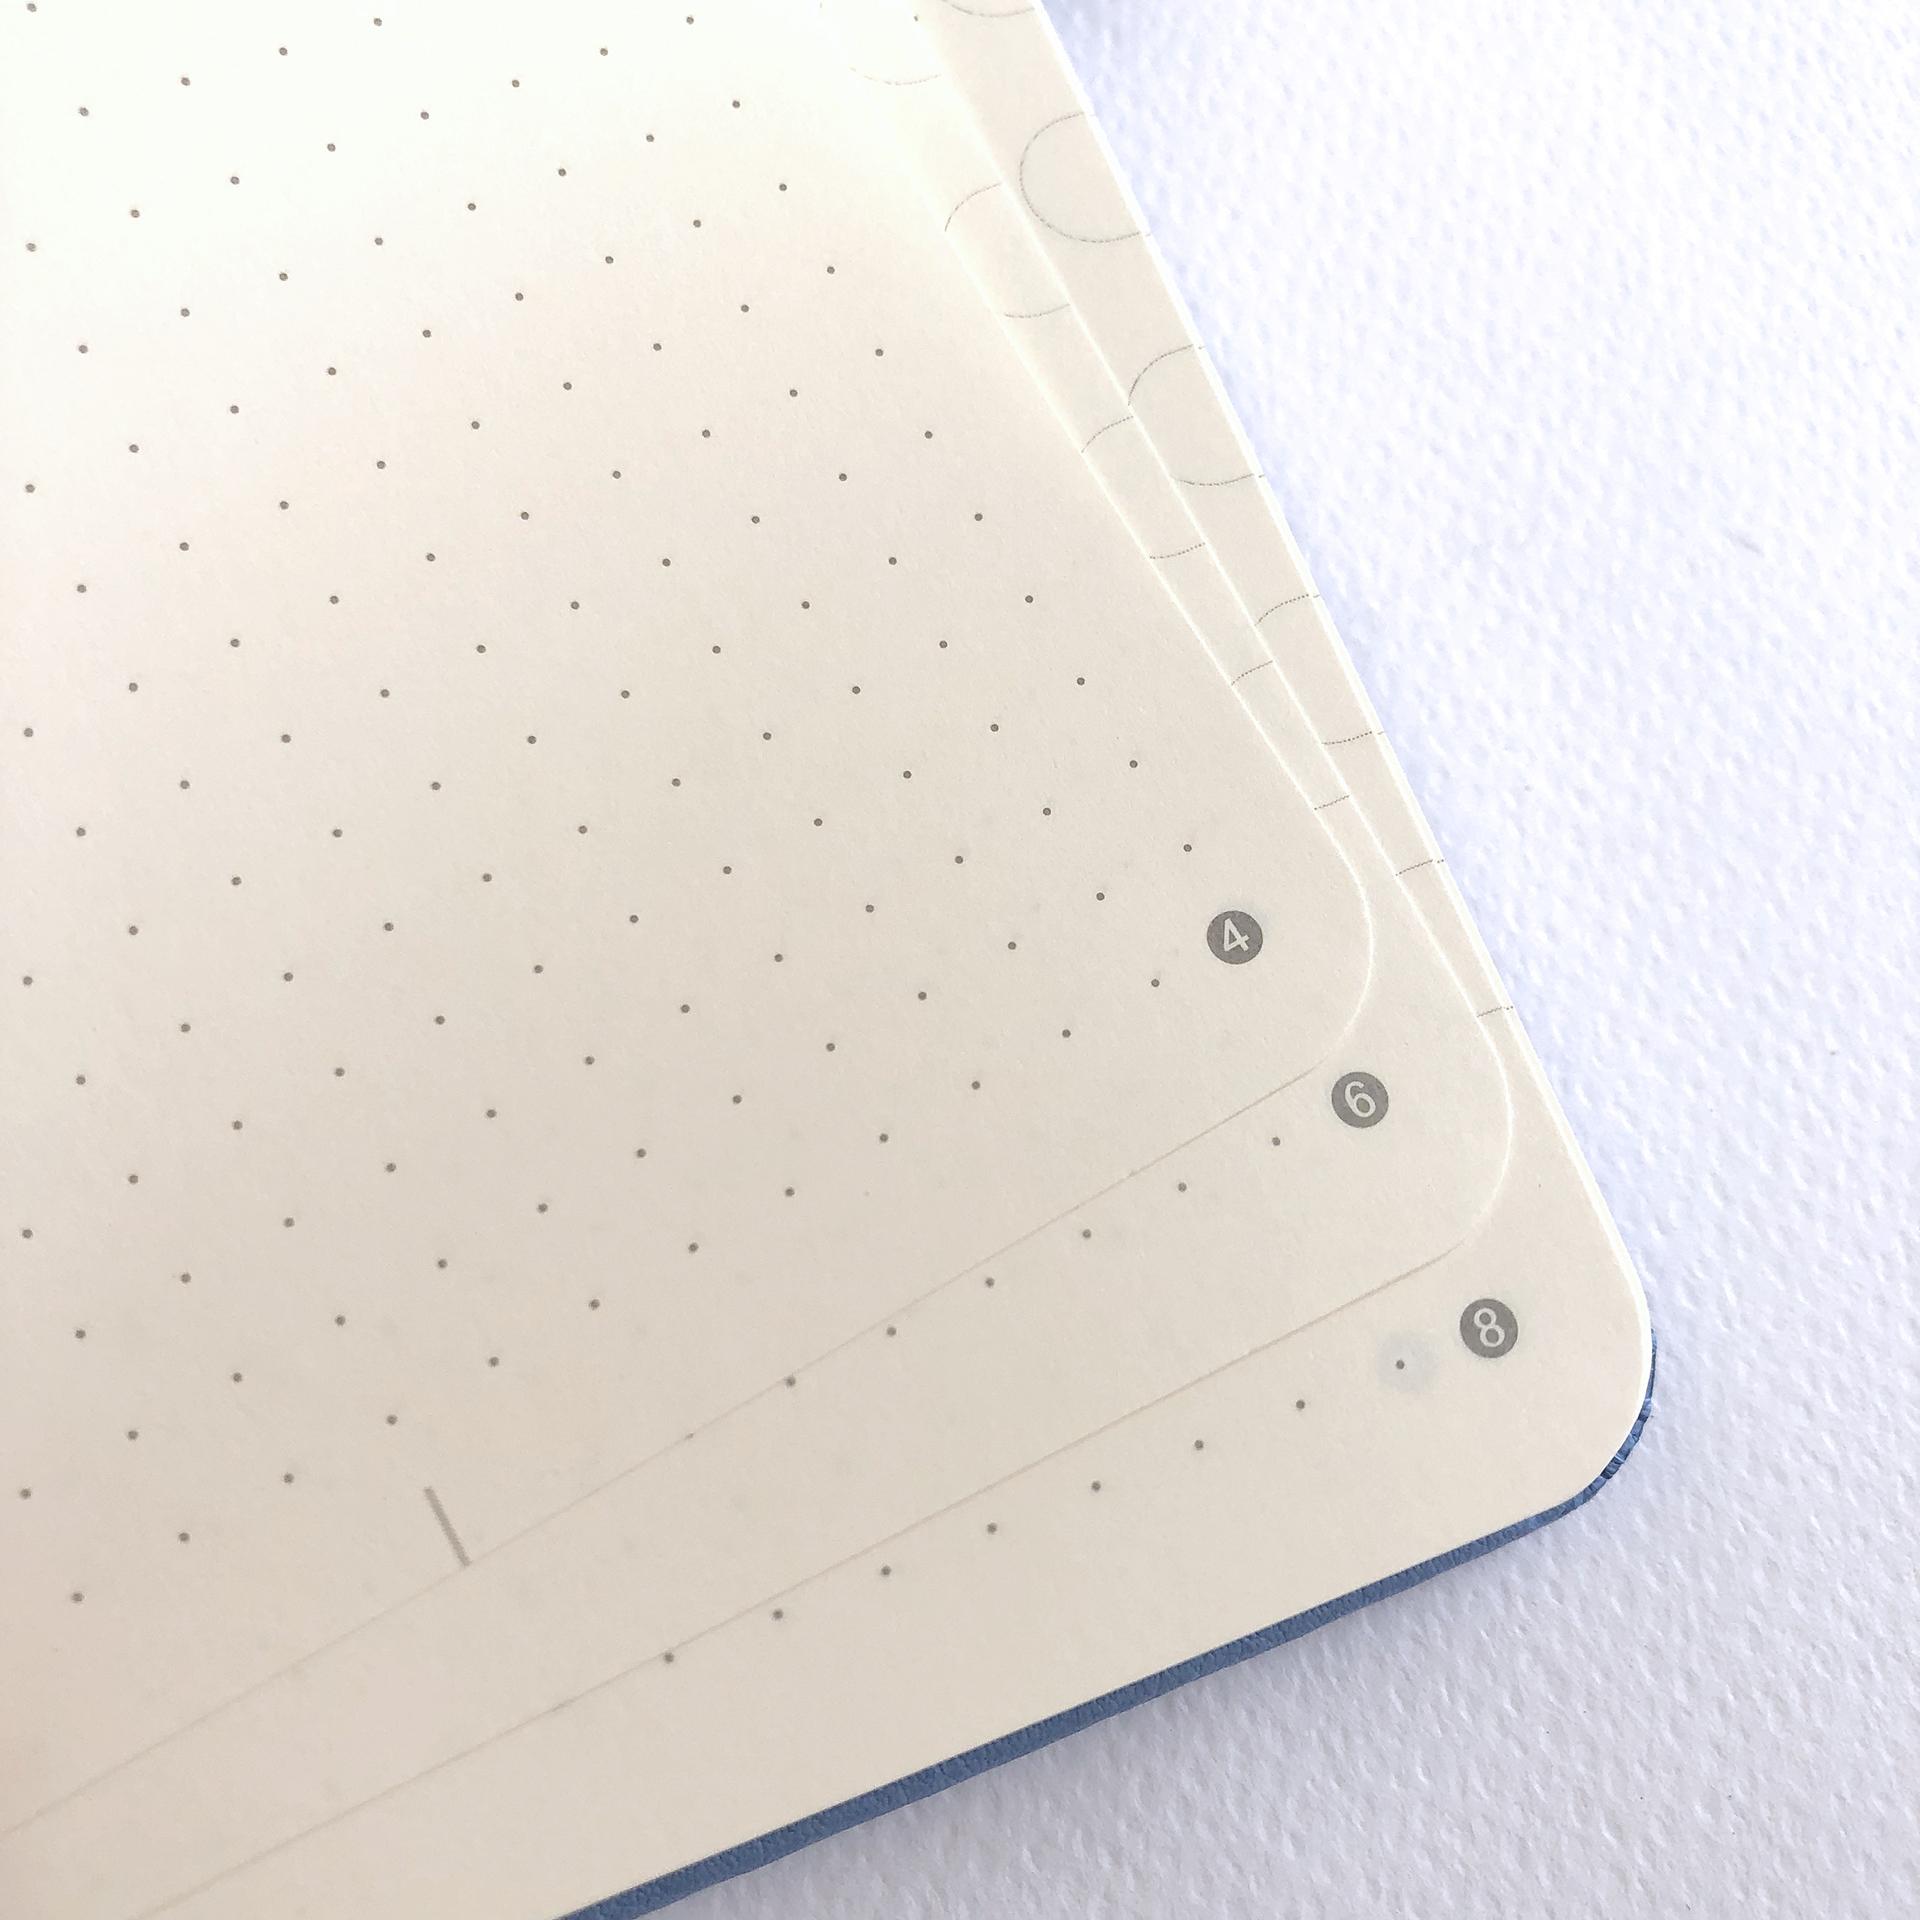 Dingbats Notebook Review